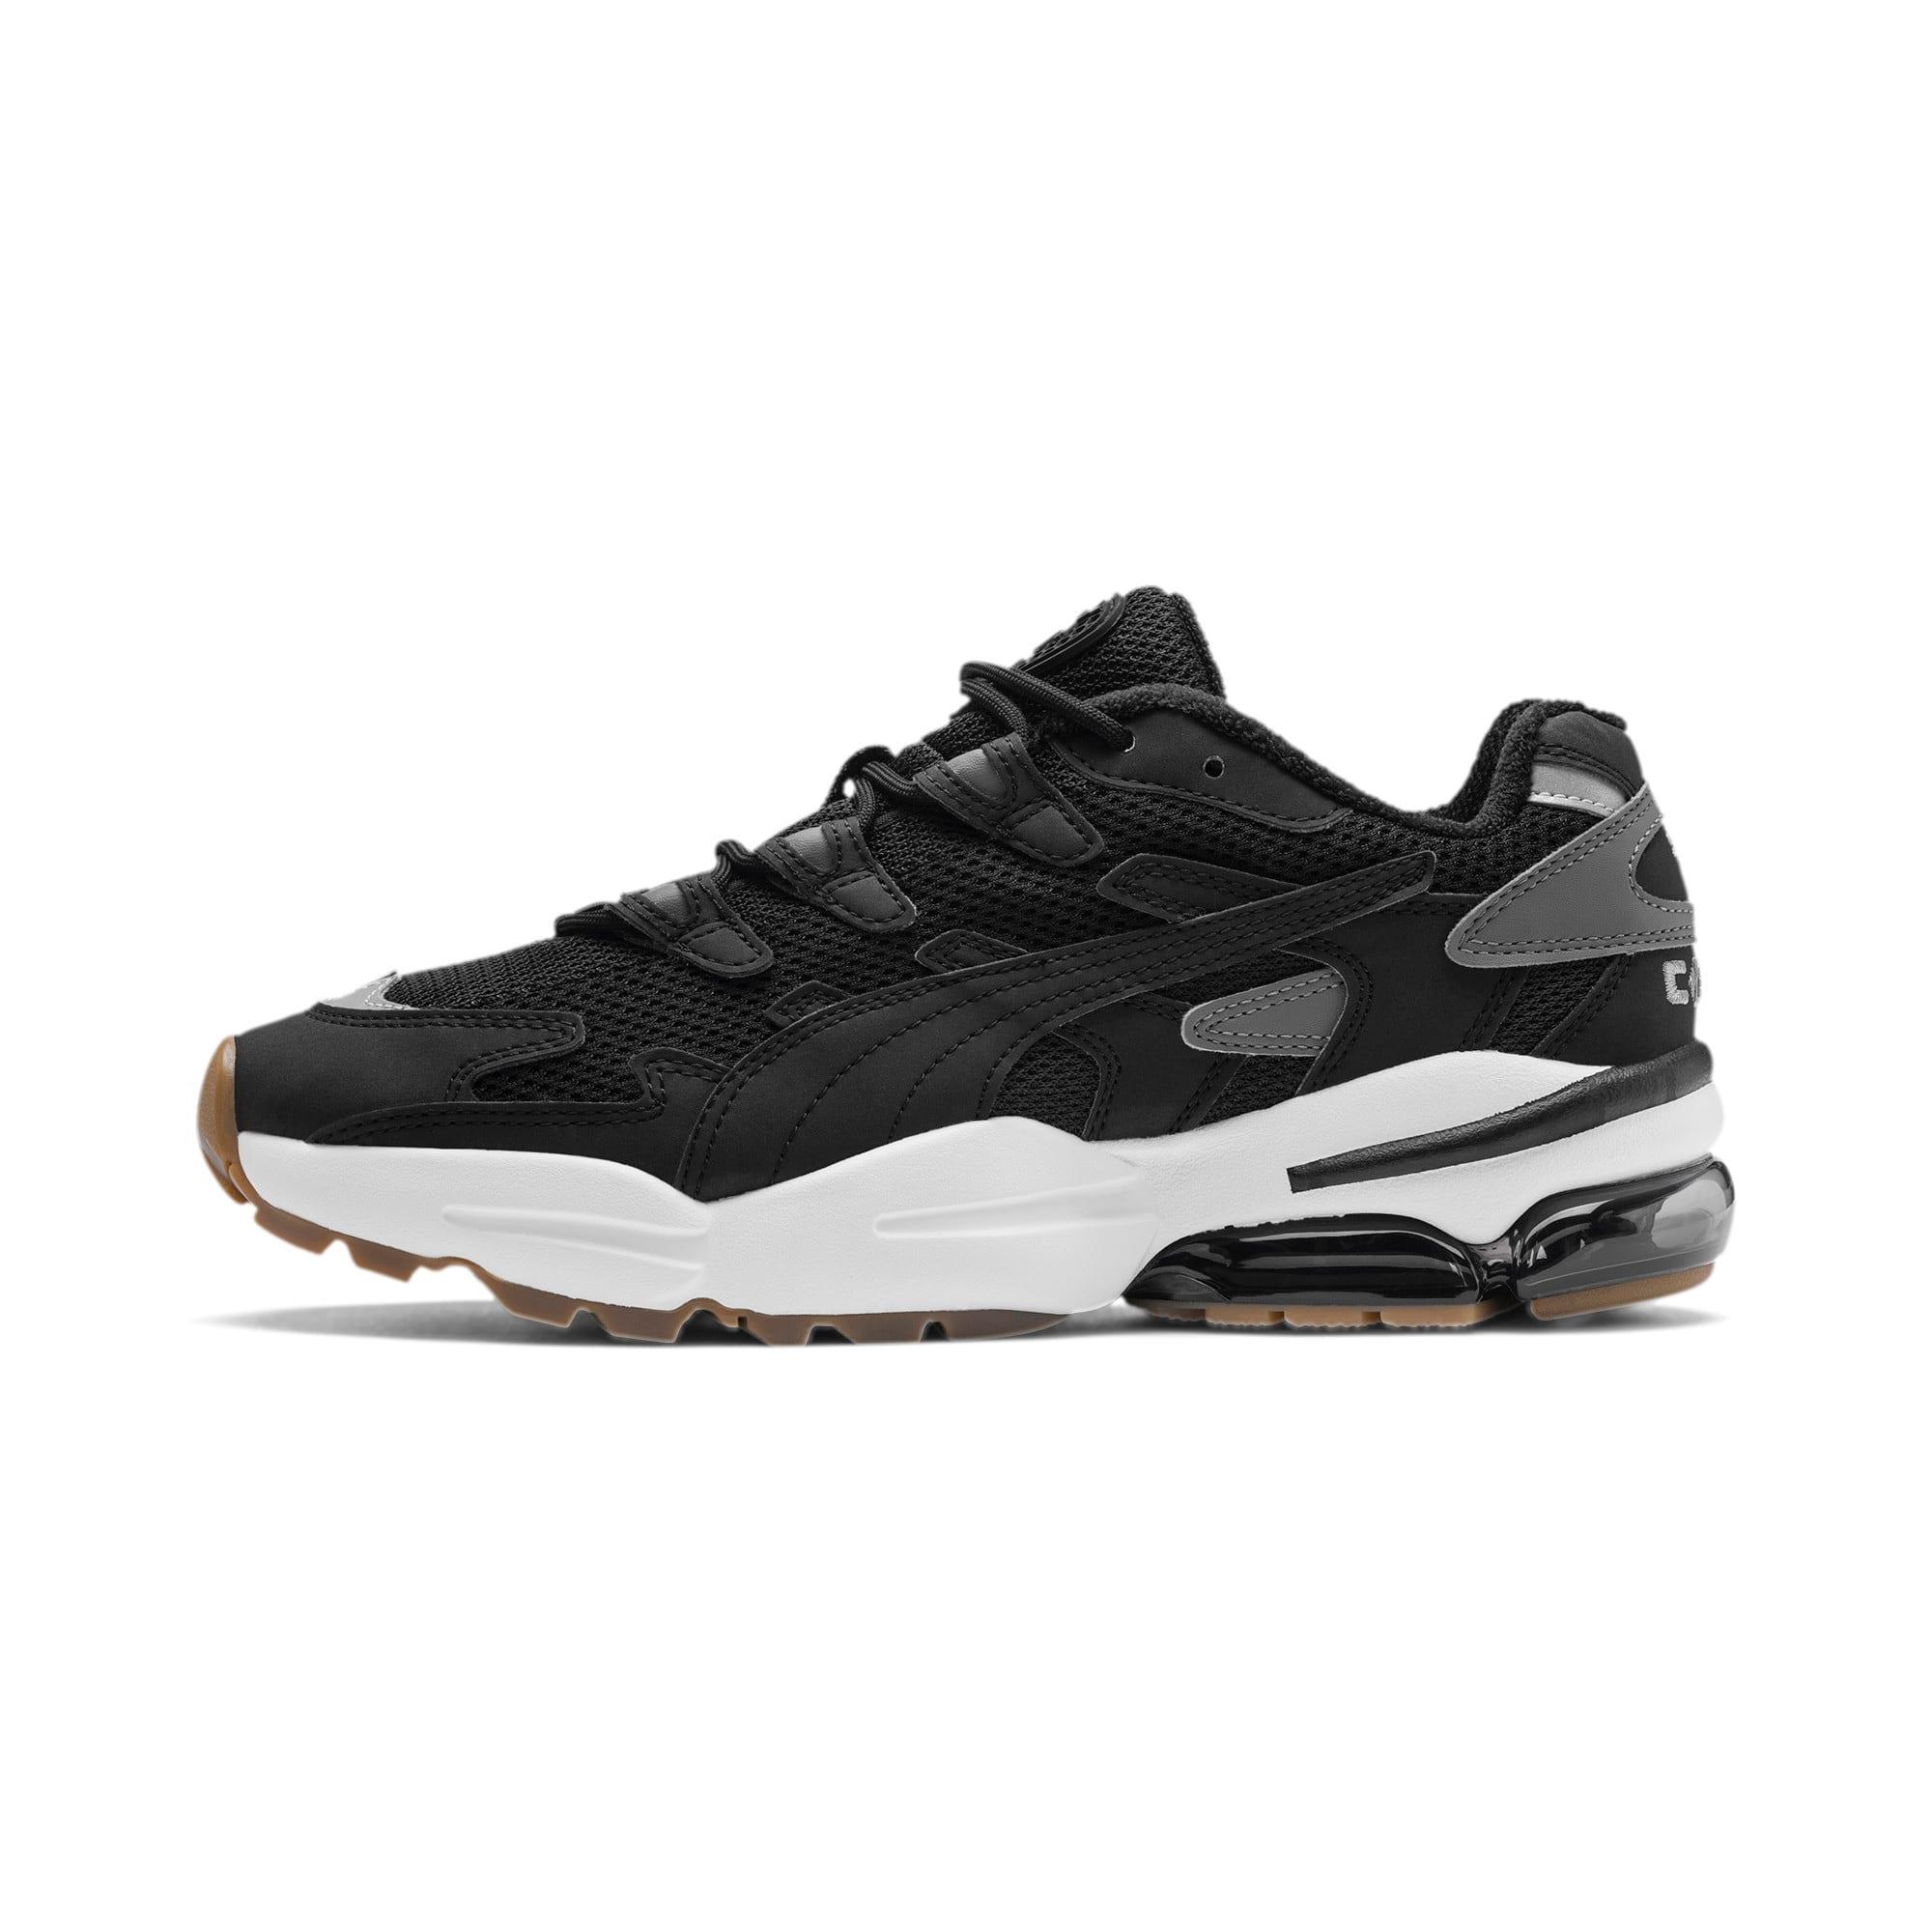 Thumbnail 1 of CELL Alien OG Sneaker, Puma Black-Gum, medium